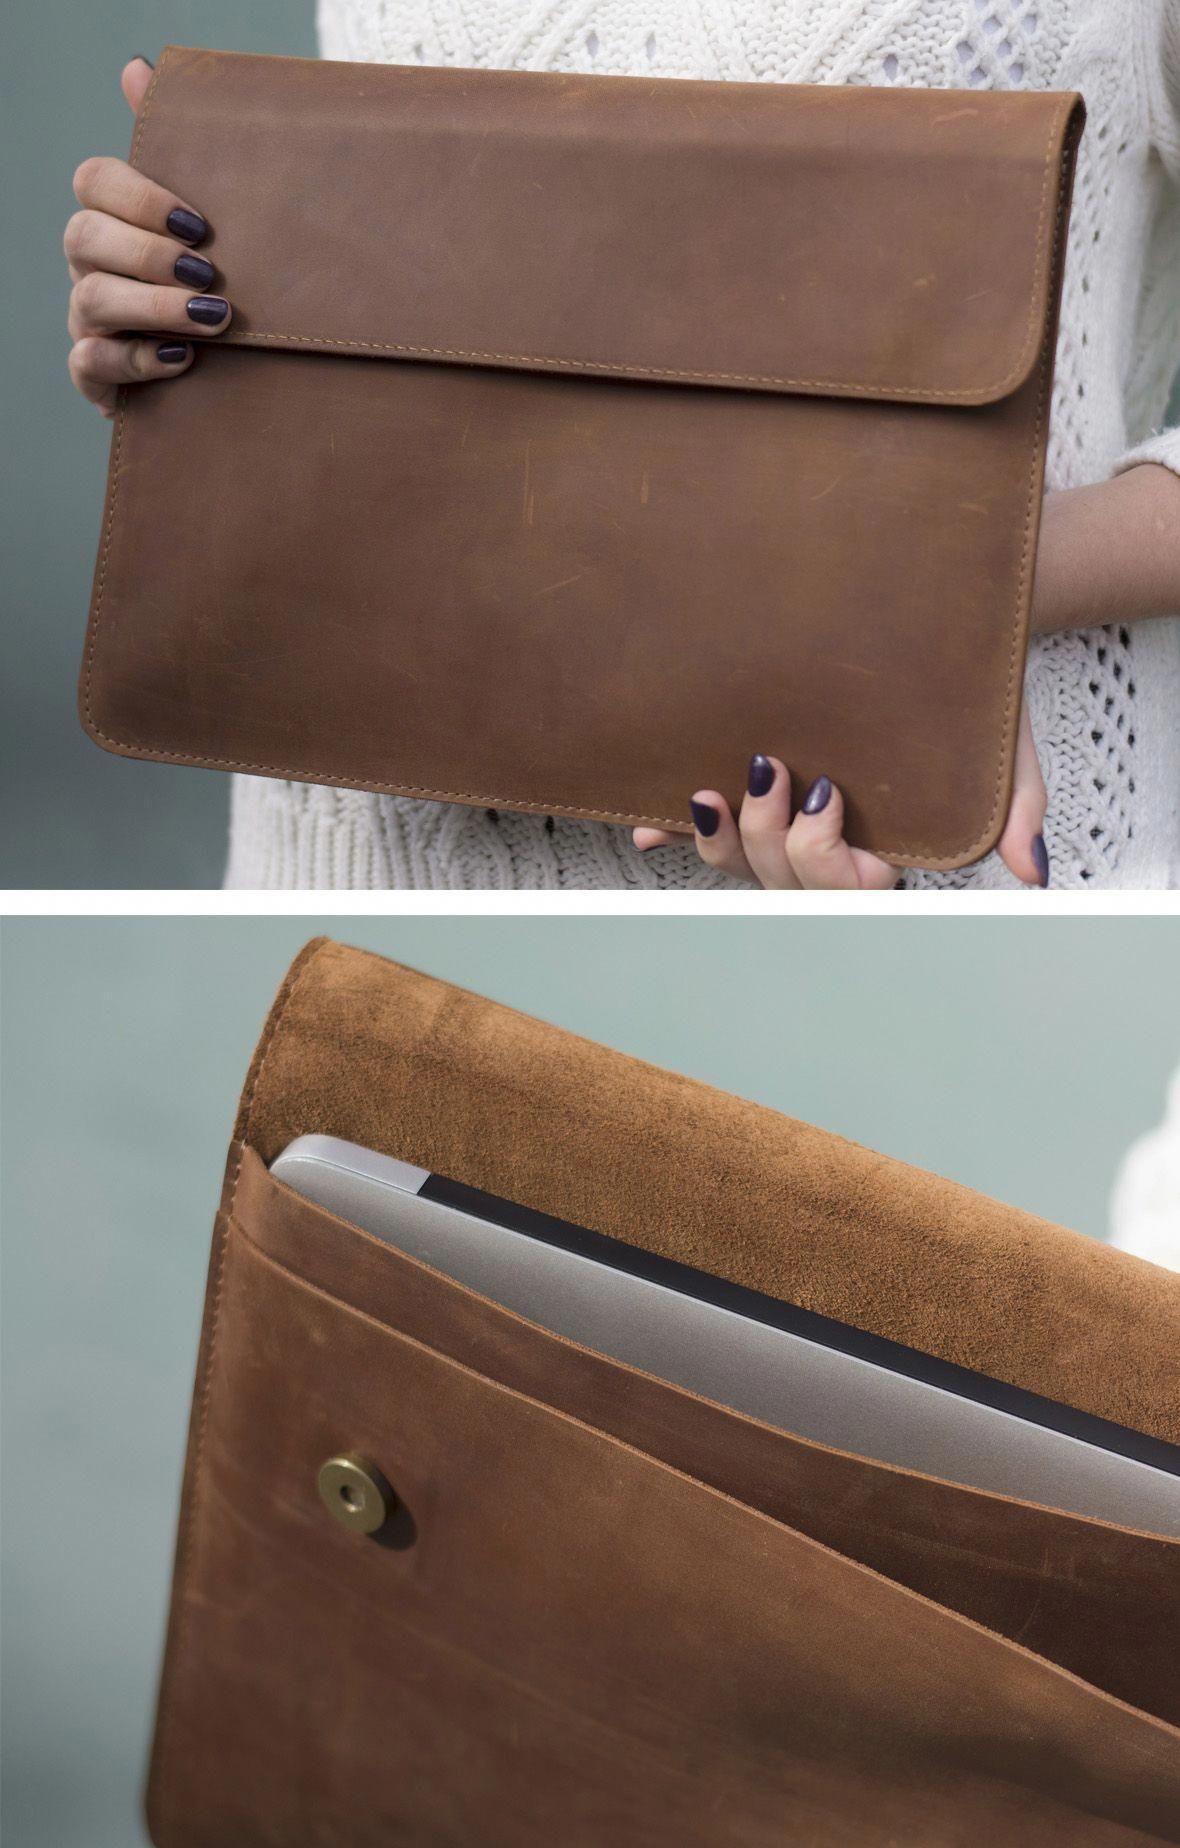 Apple Macbook Case Sleeve Holder Macbookpro Macbookair Protection Leather Organizer Lapt Bolso De Mano De Cuero Accesorios De Piel Carteras De Cuero